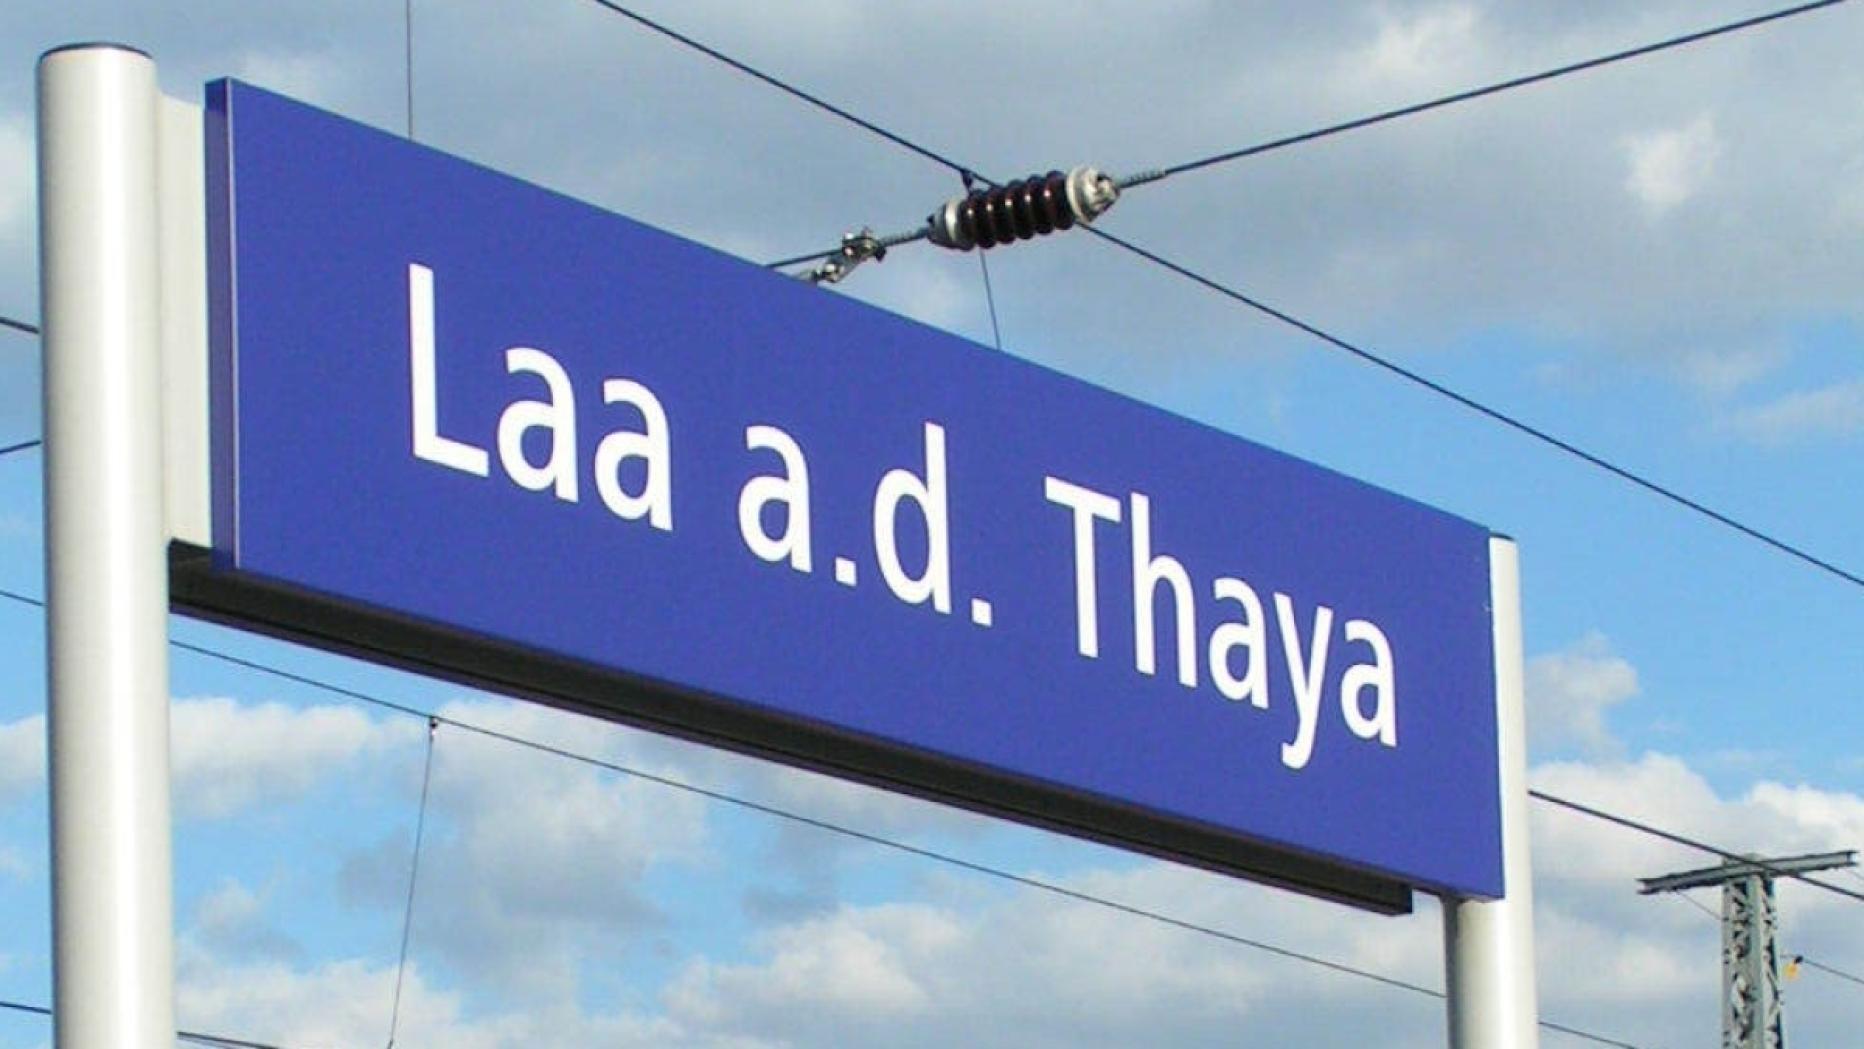 Partnersuche in Laa an der Thaya - 50plus-Treff